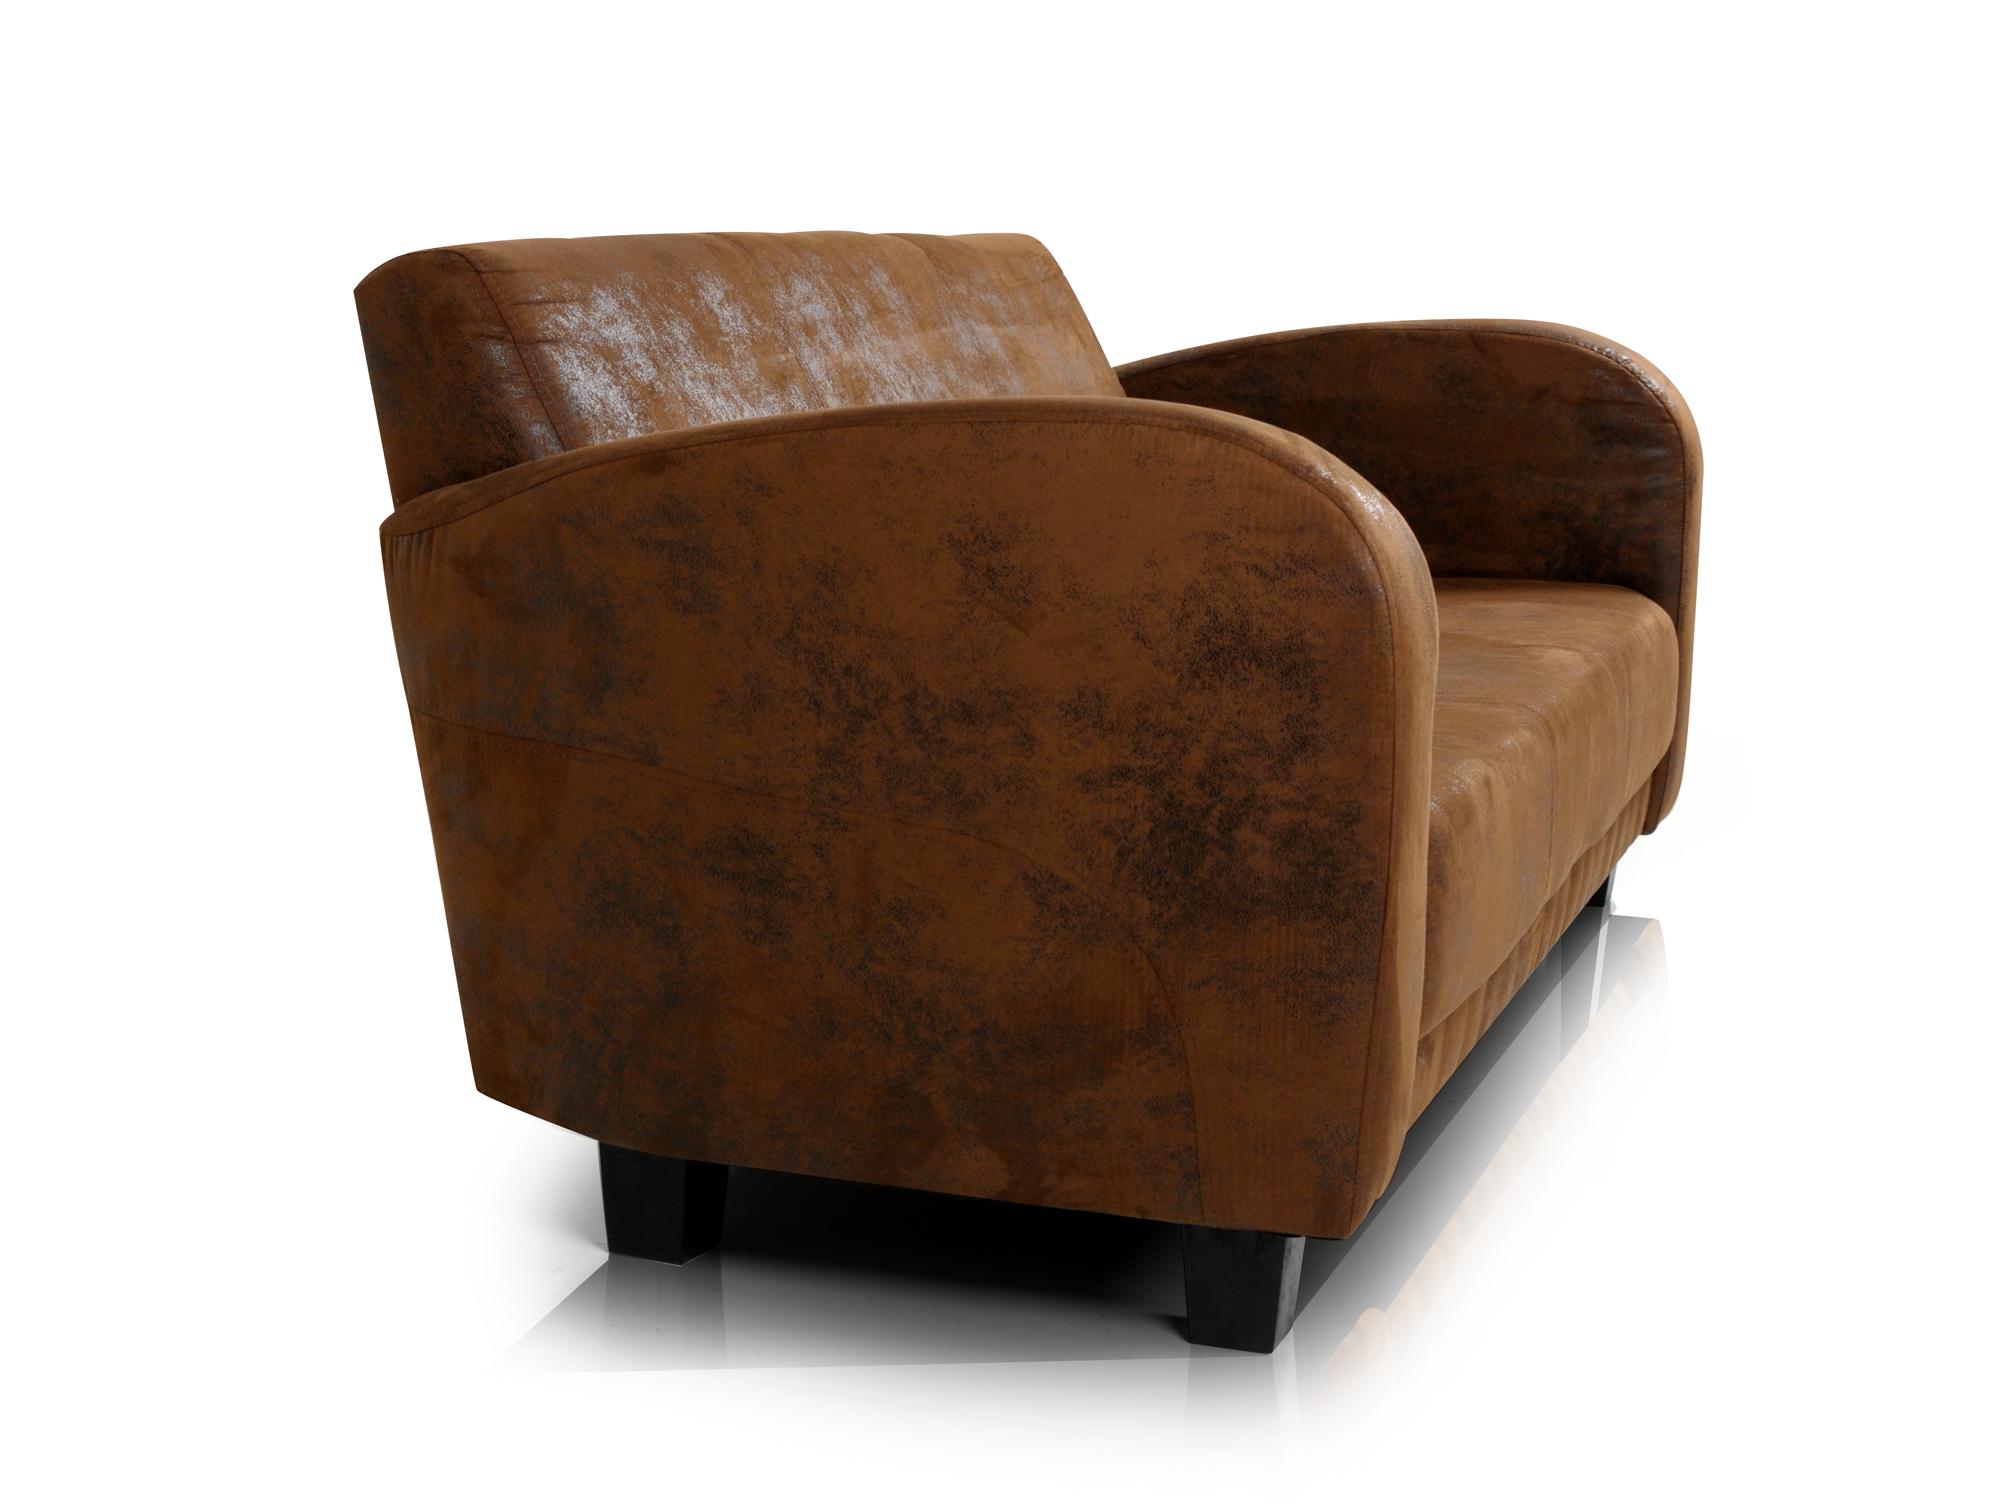 Anto sofa 3 sitzer gobi braun for Sofa york 3 sitzer